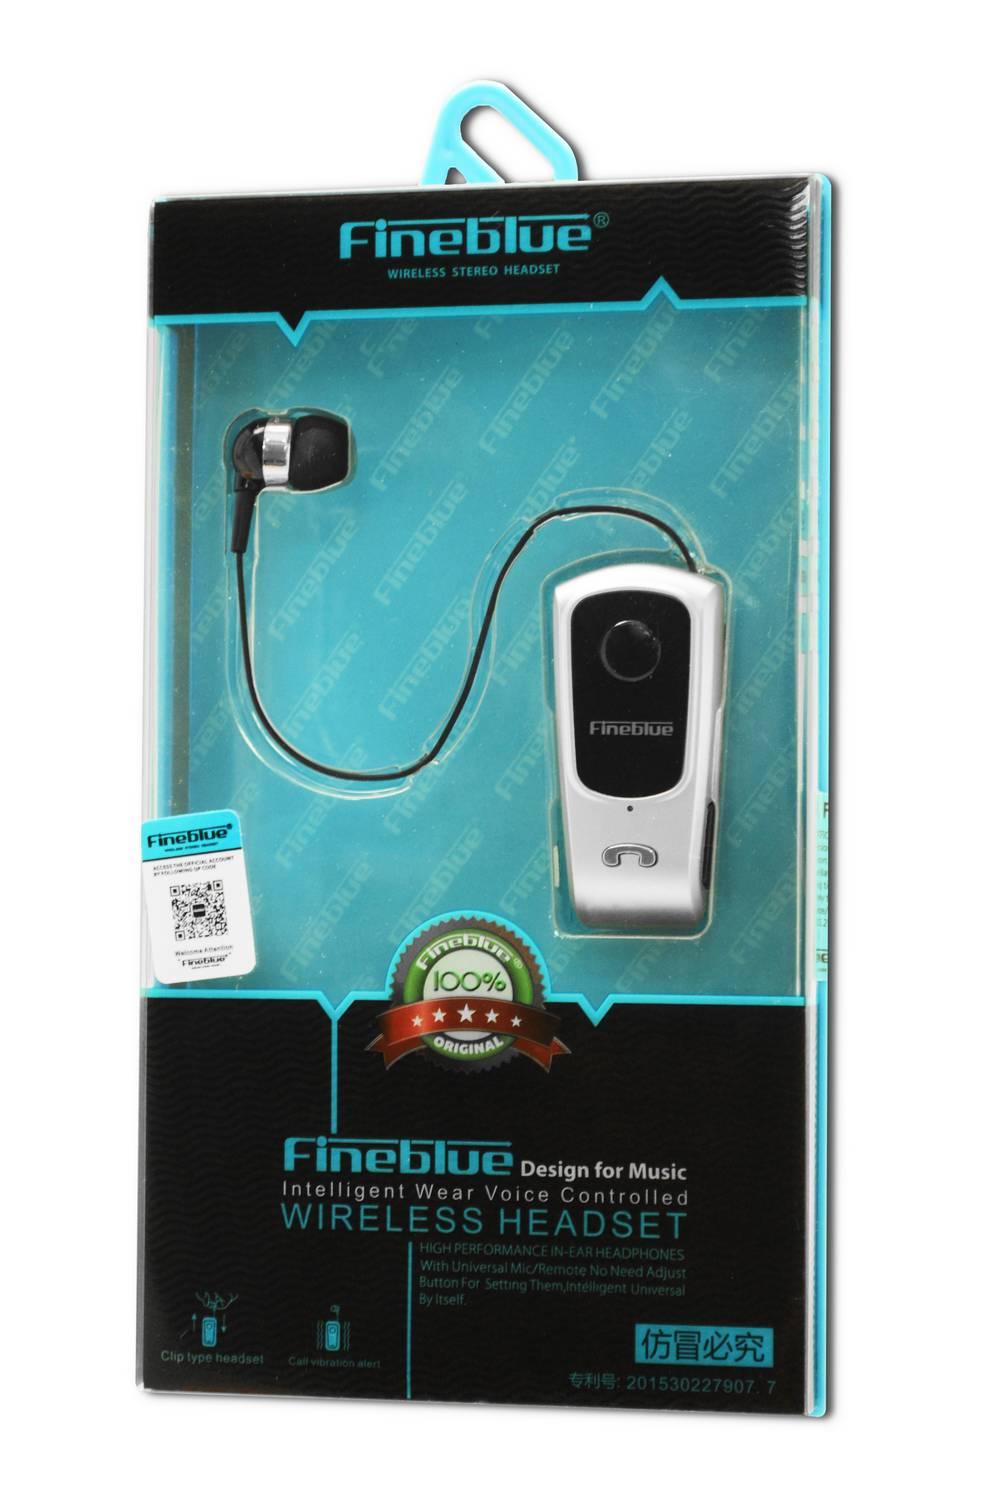 Bluetooth Hands Free Fineblue F920 Ασημί με Έκδοση Bluetooth 4.0, Επεκτεινόμενο Ακουστικό, Δόνηση, και Καλώδιο Φόρτισης